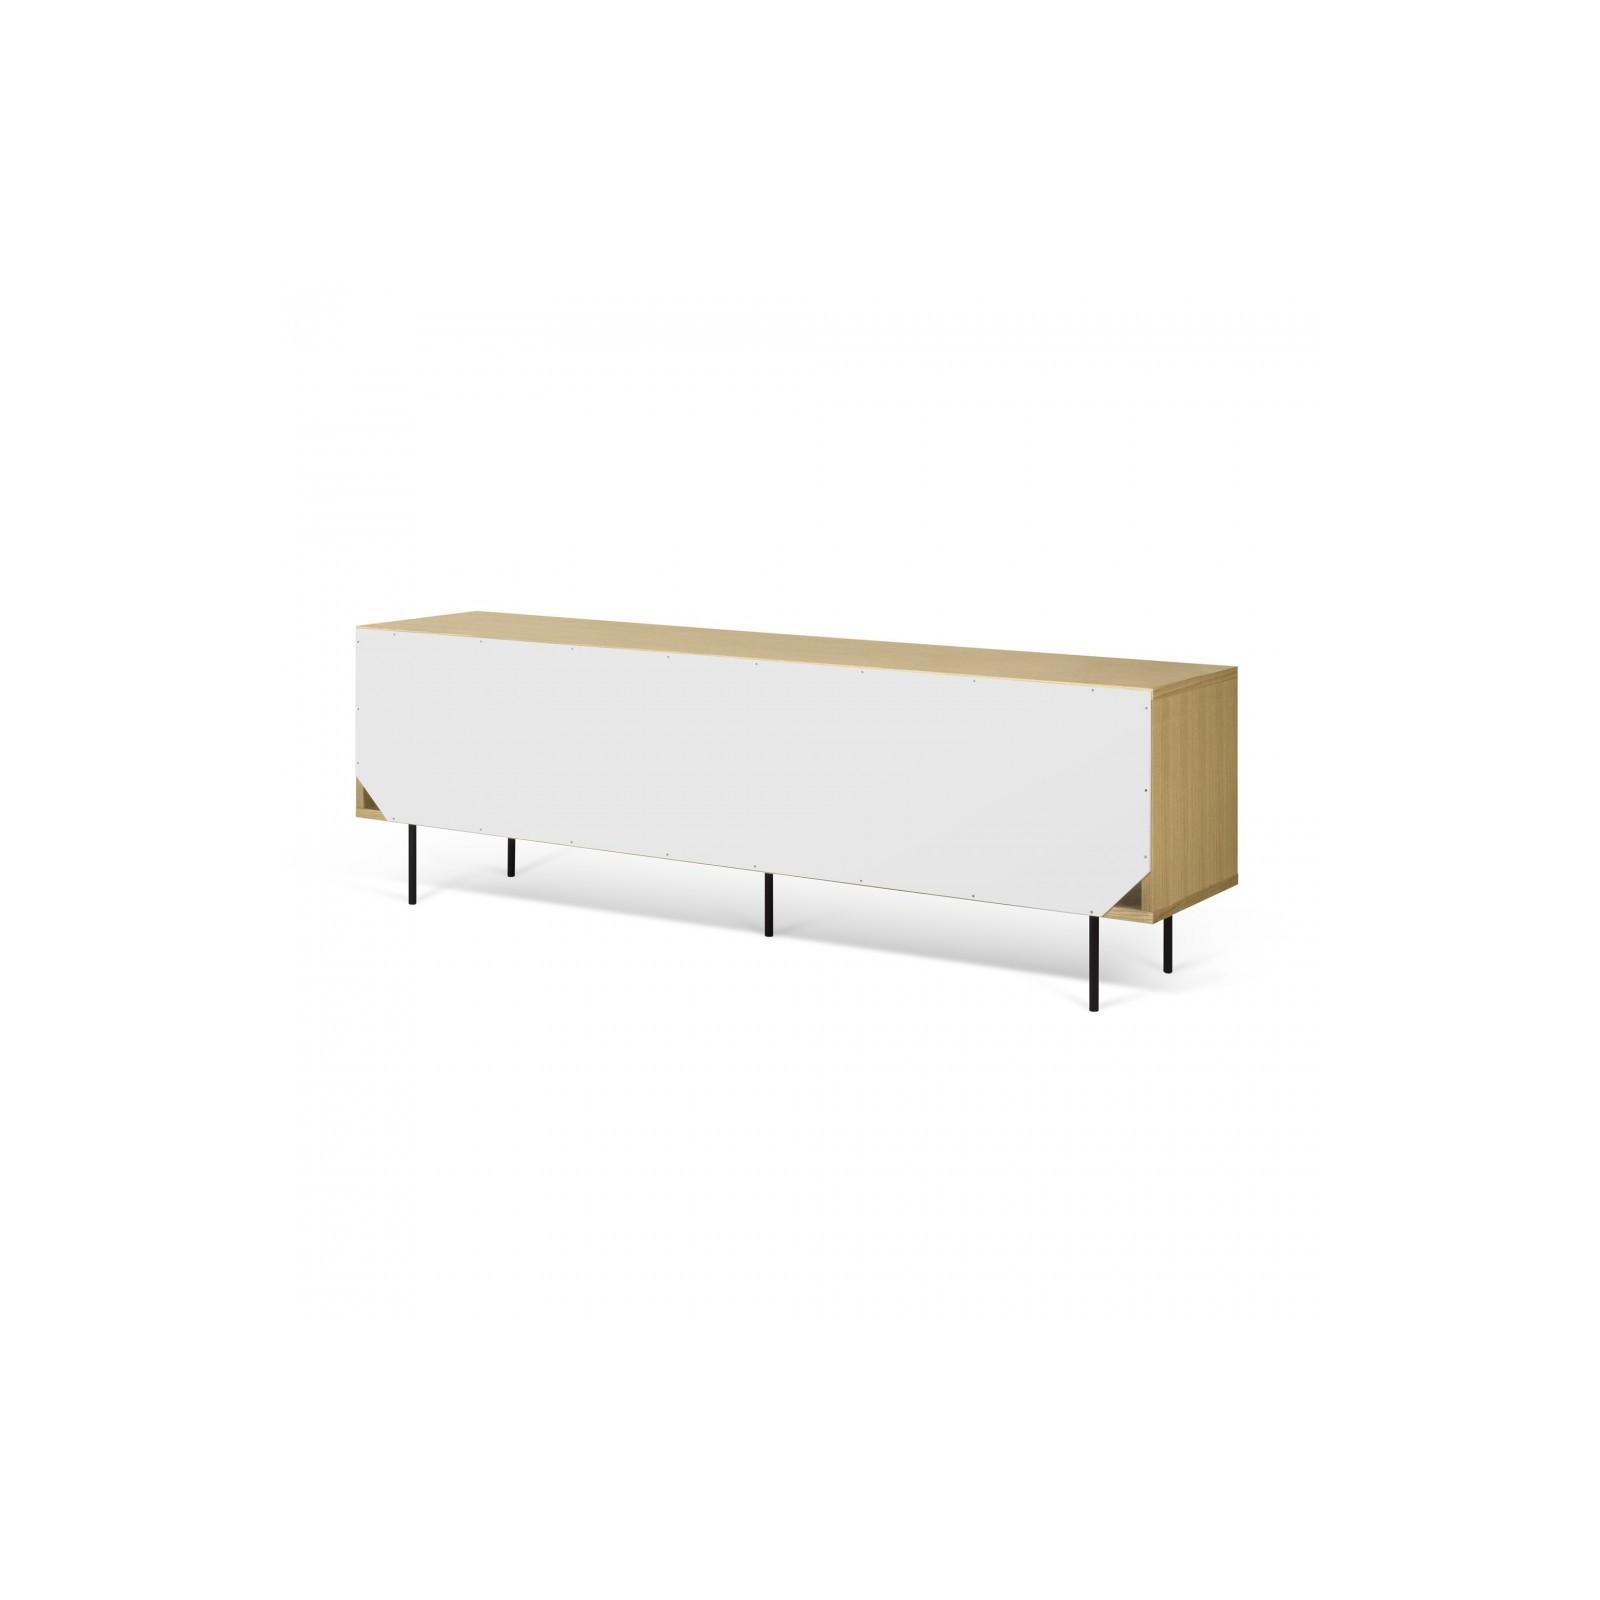 Meuble Tv Danois Gris Blanc Et Bois Arne Concept # Meuble Tv Blanc Et Gris